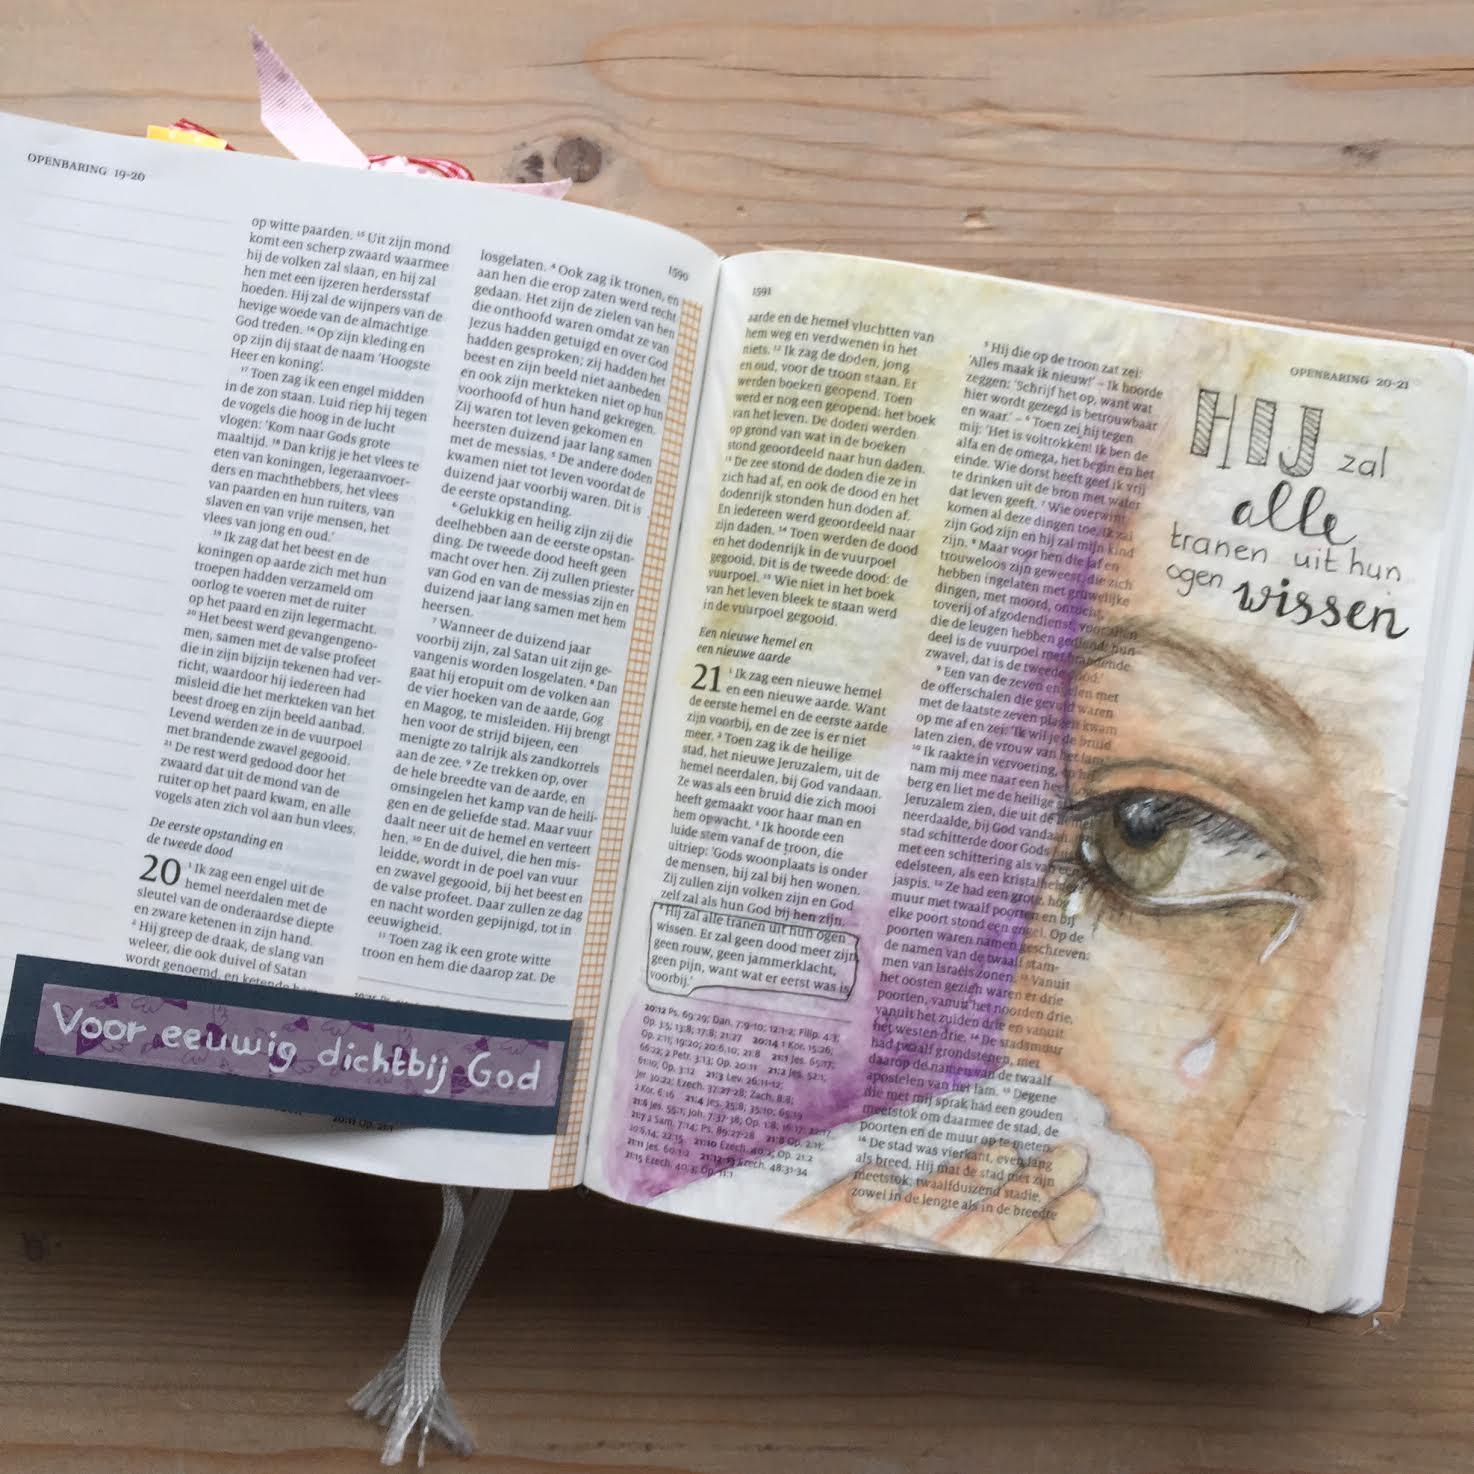 Biblejournaling Openbaring 21: 1-8